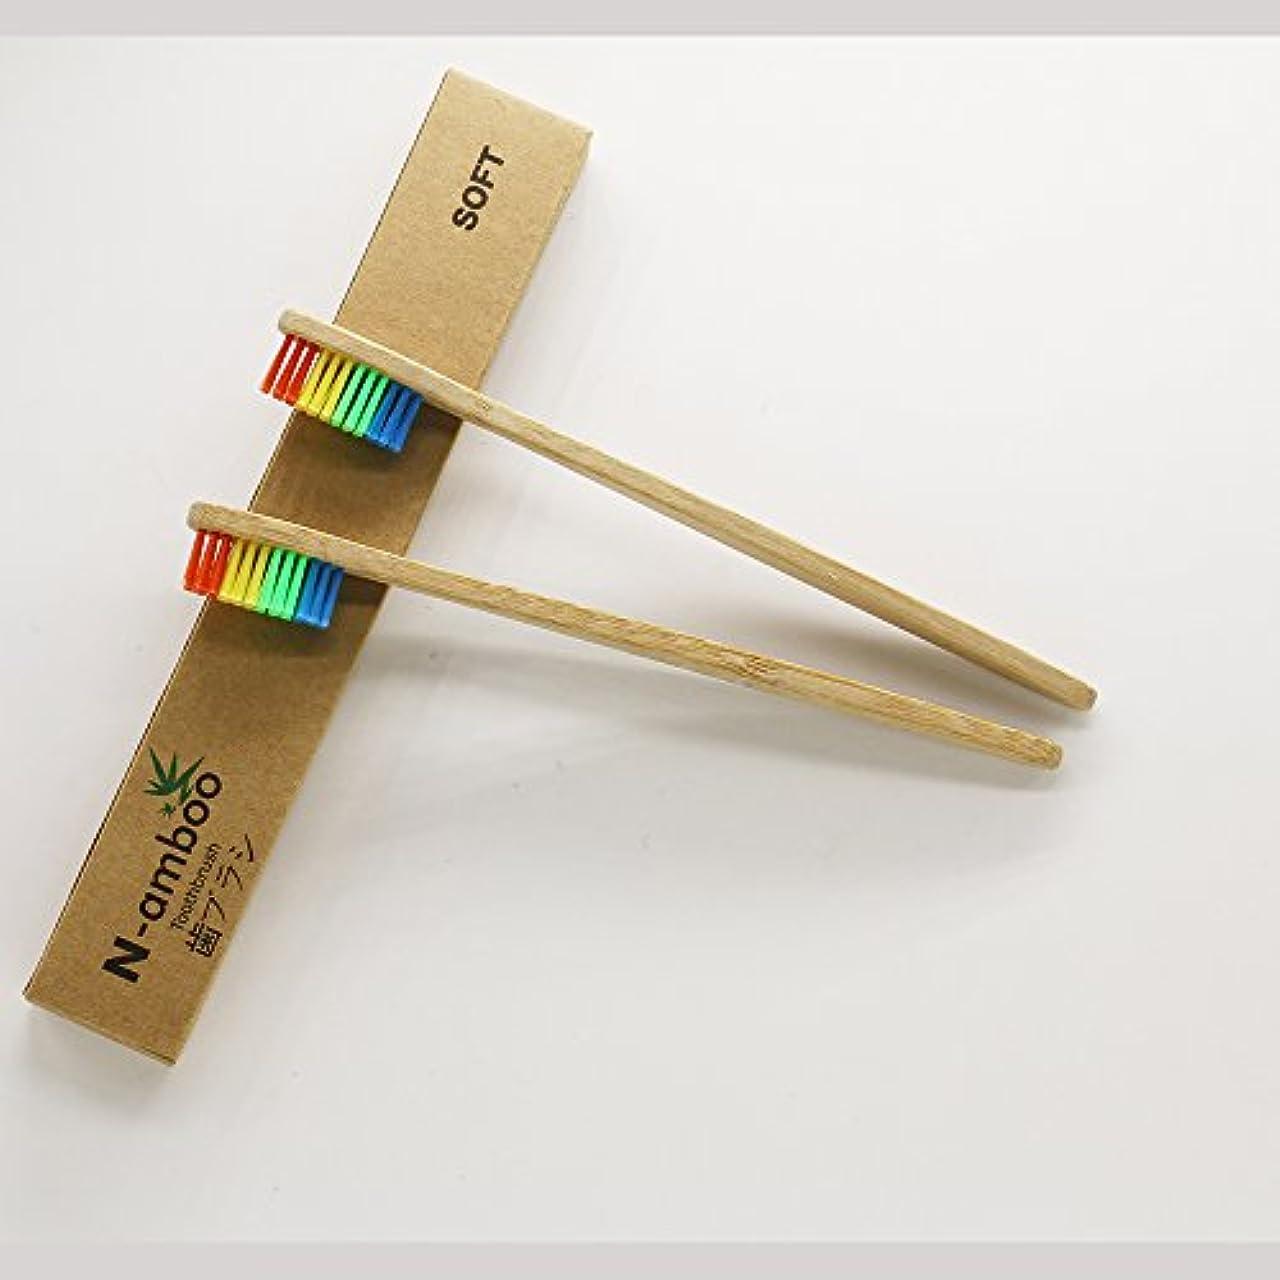 リアル淡い令状N-amboo 竹製 耐久度高い 歯ブラシ 四色 虹(にじ) 2本入り セット